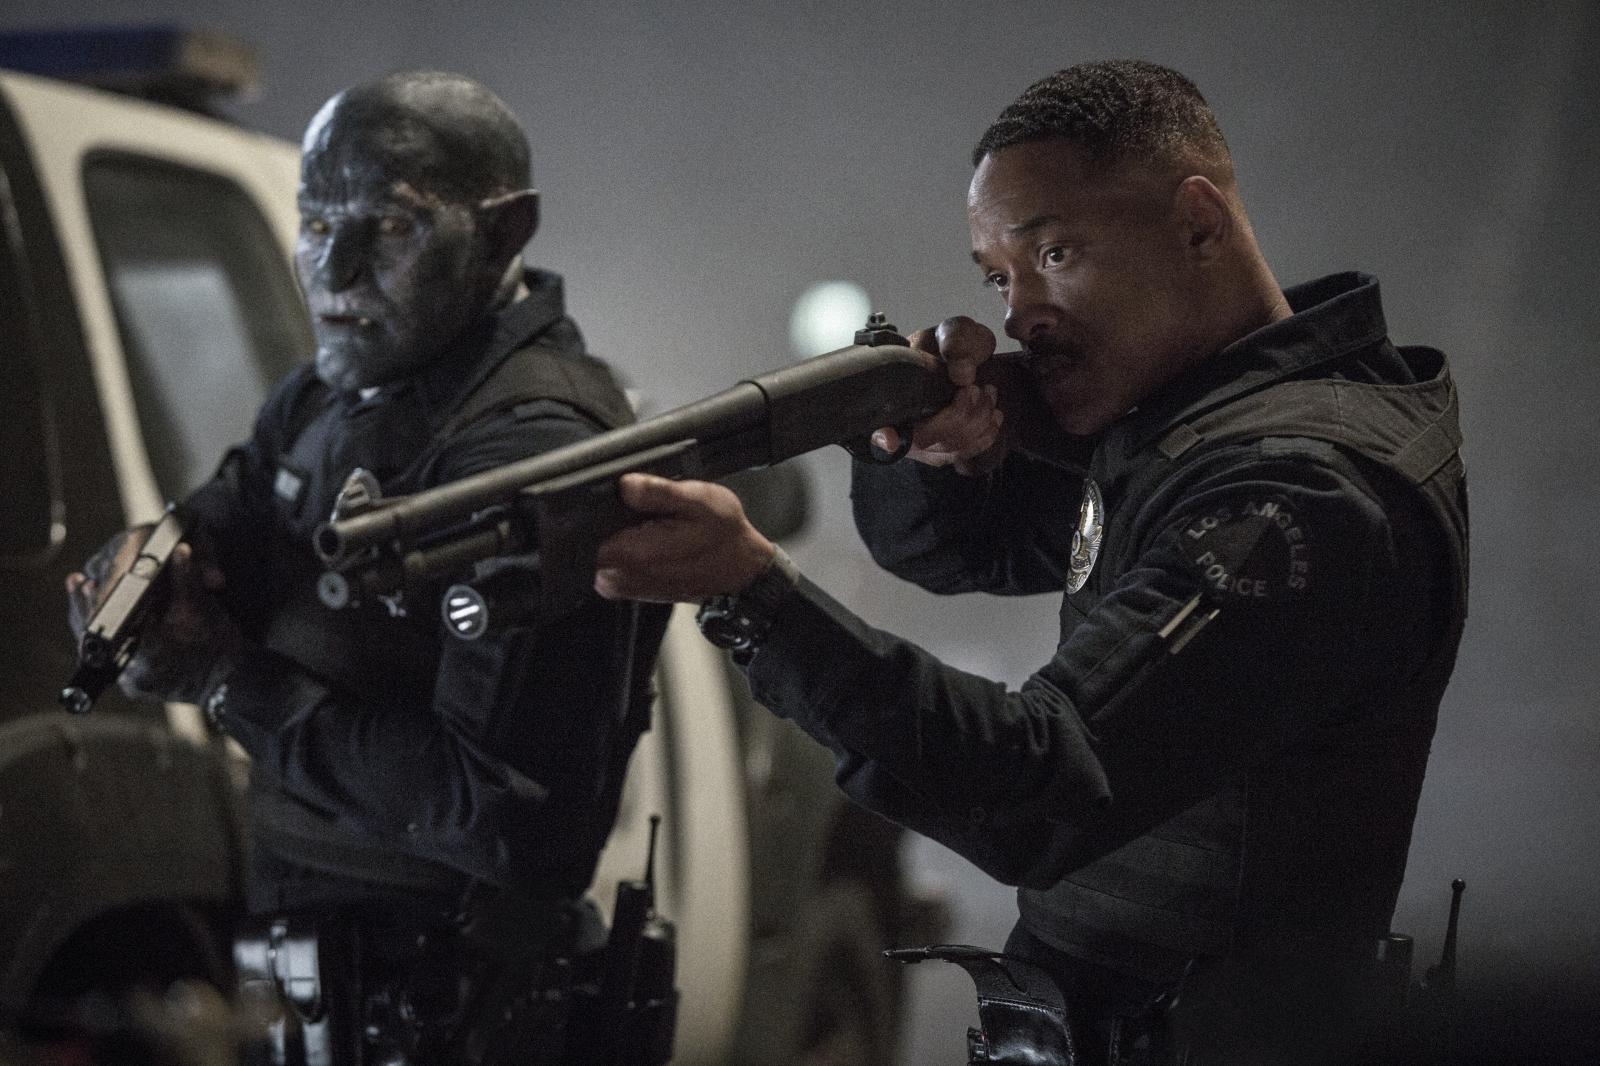 左から、ジョエル・エドガートン、ウィル・スミス Netflixオリジナル映画『ブライト』 12月22日全世界同時オンラインストリーミング